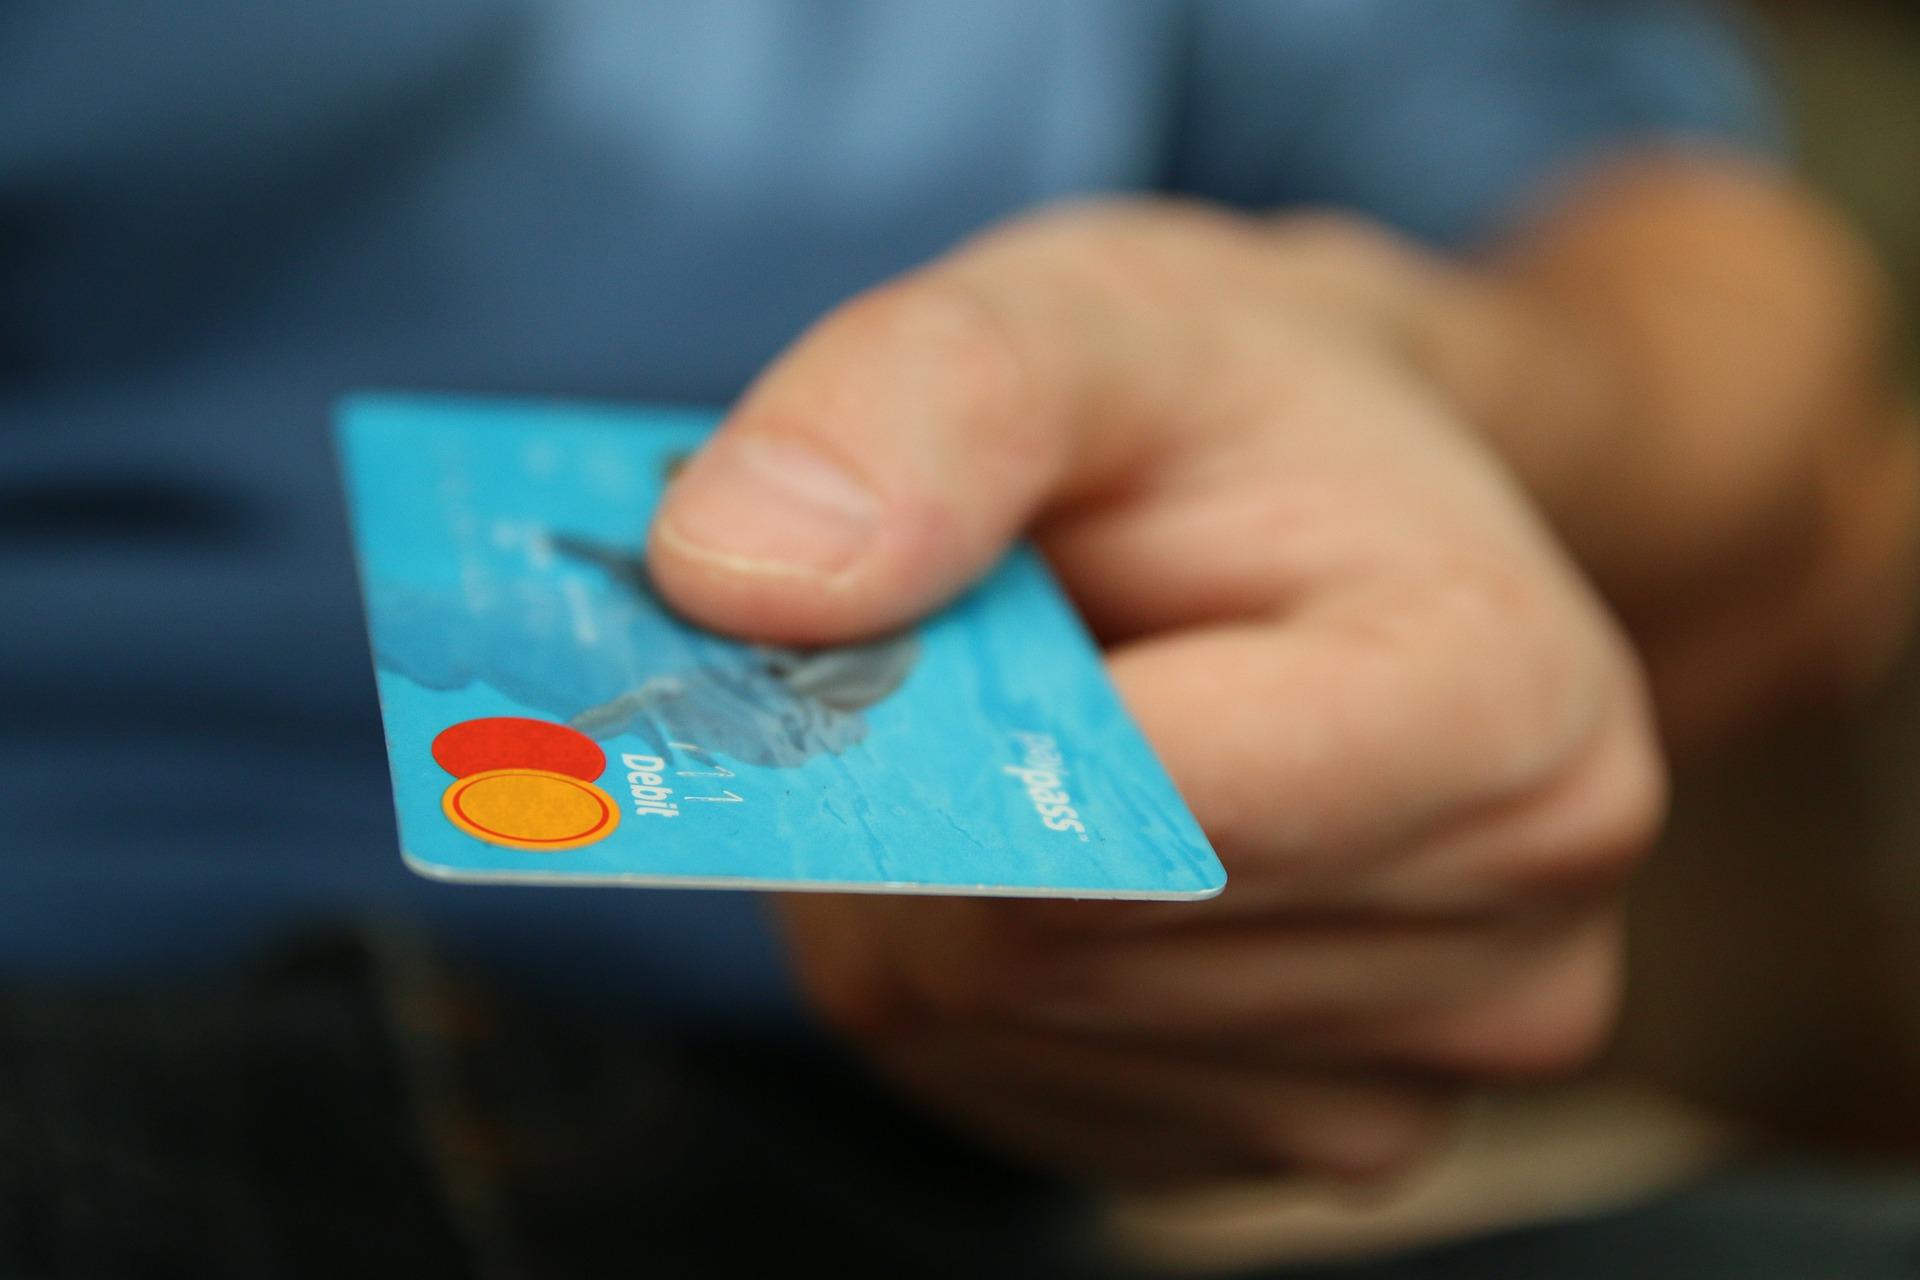 Qué significa tarjeta de crédito y lo que implica usarla